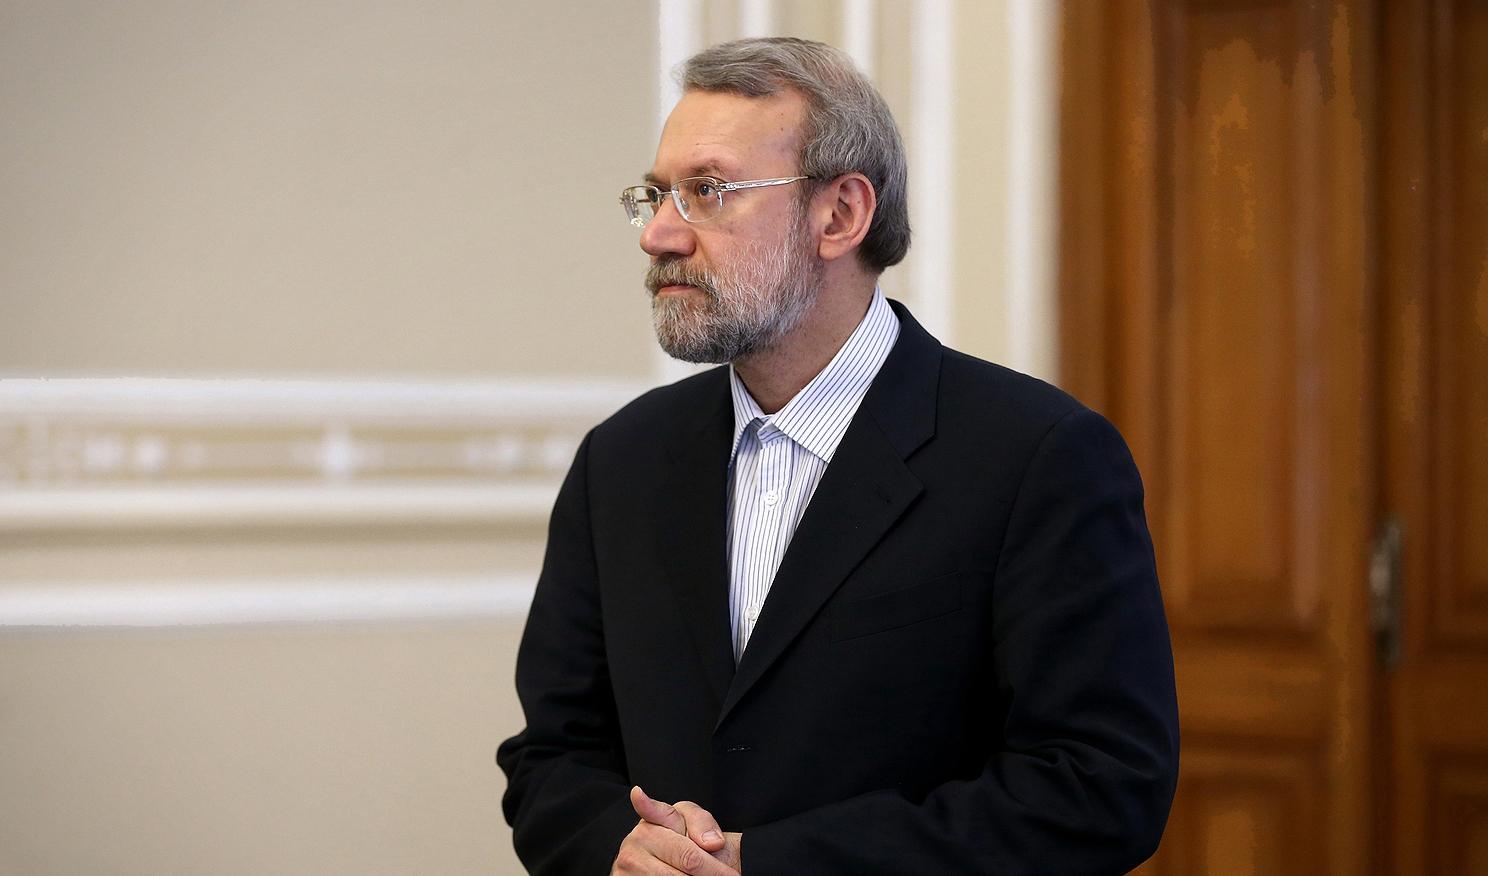 رئیس مجلس: آمریکا دلیل مهم مناقشه ایران و عربستان است